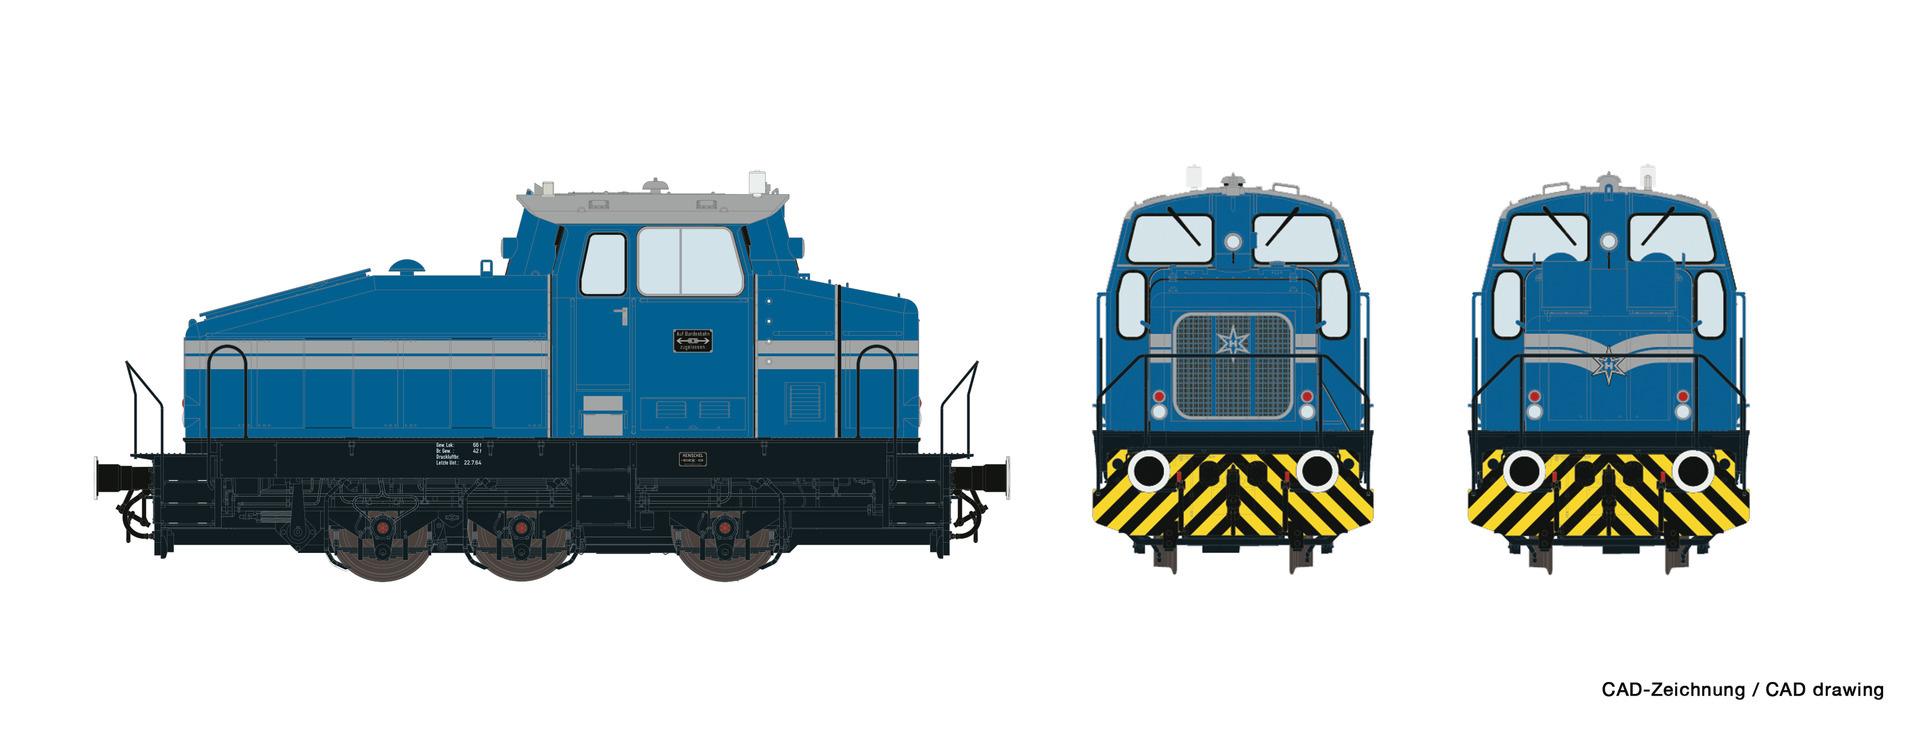 72179 Diesellok DHG 500 Henschel-1